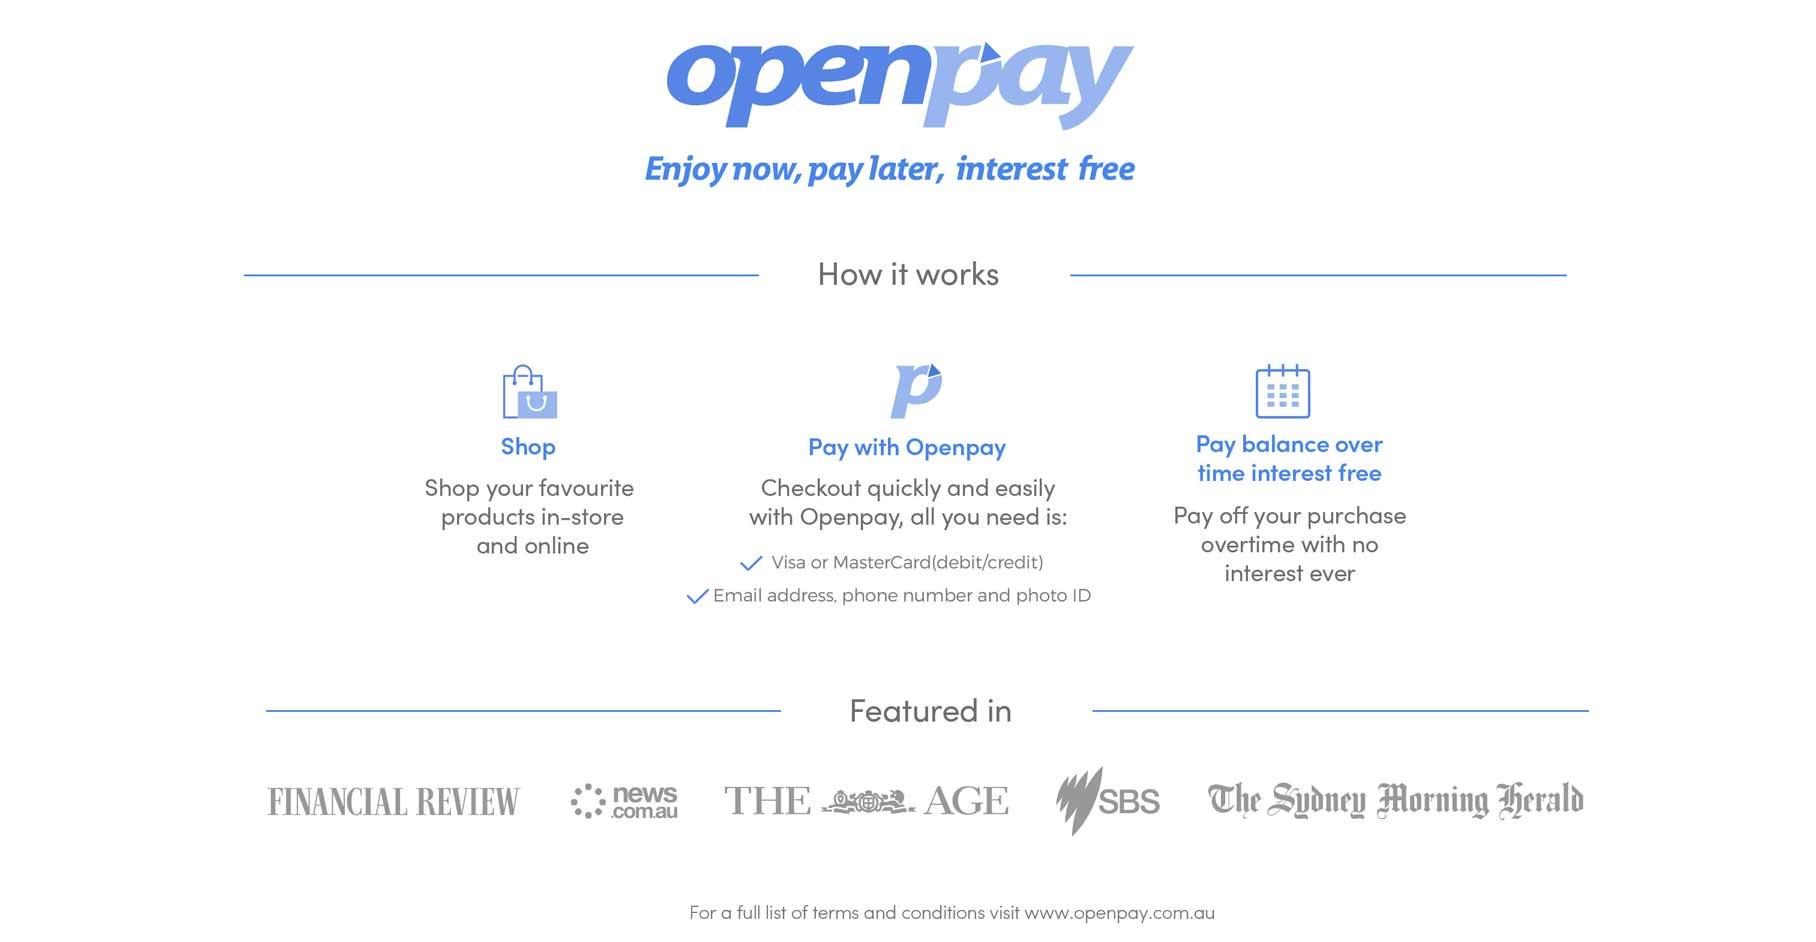 Openpay-page